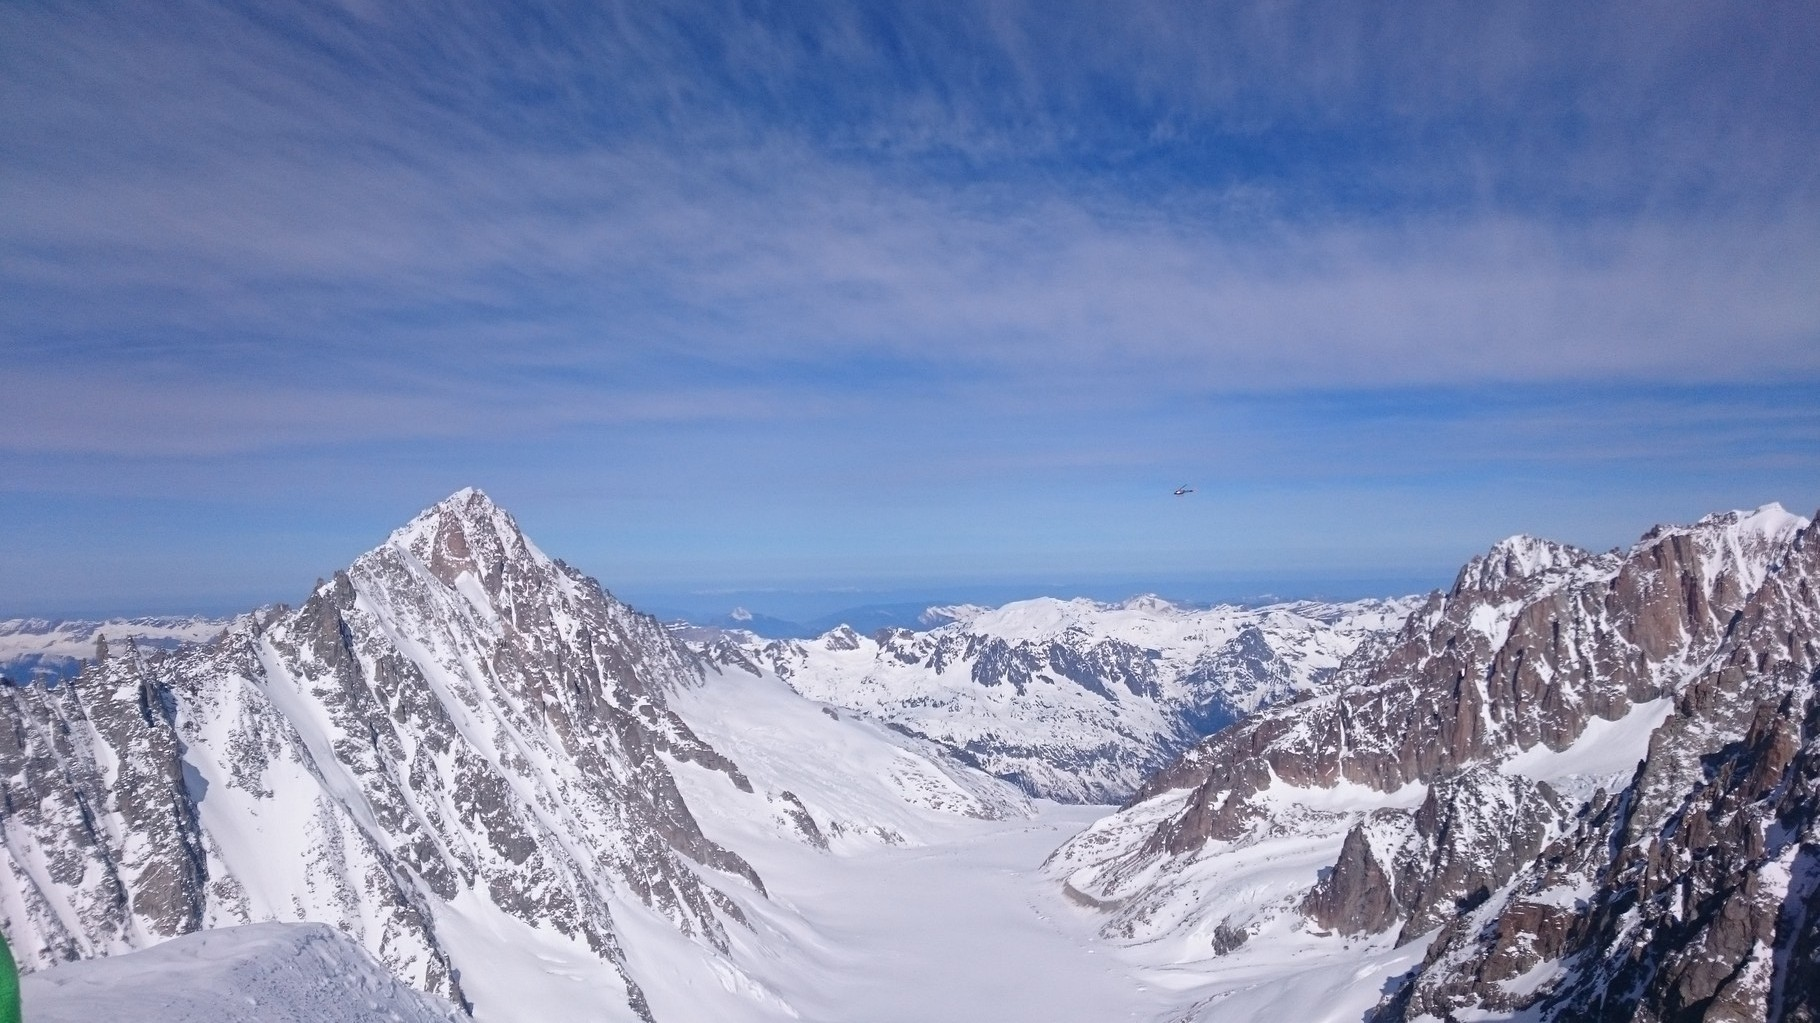 Blick ins Argentière Bassin, wo ich letzten Mittwoch die Courtes Nordwand solo kletterte